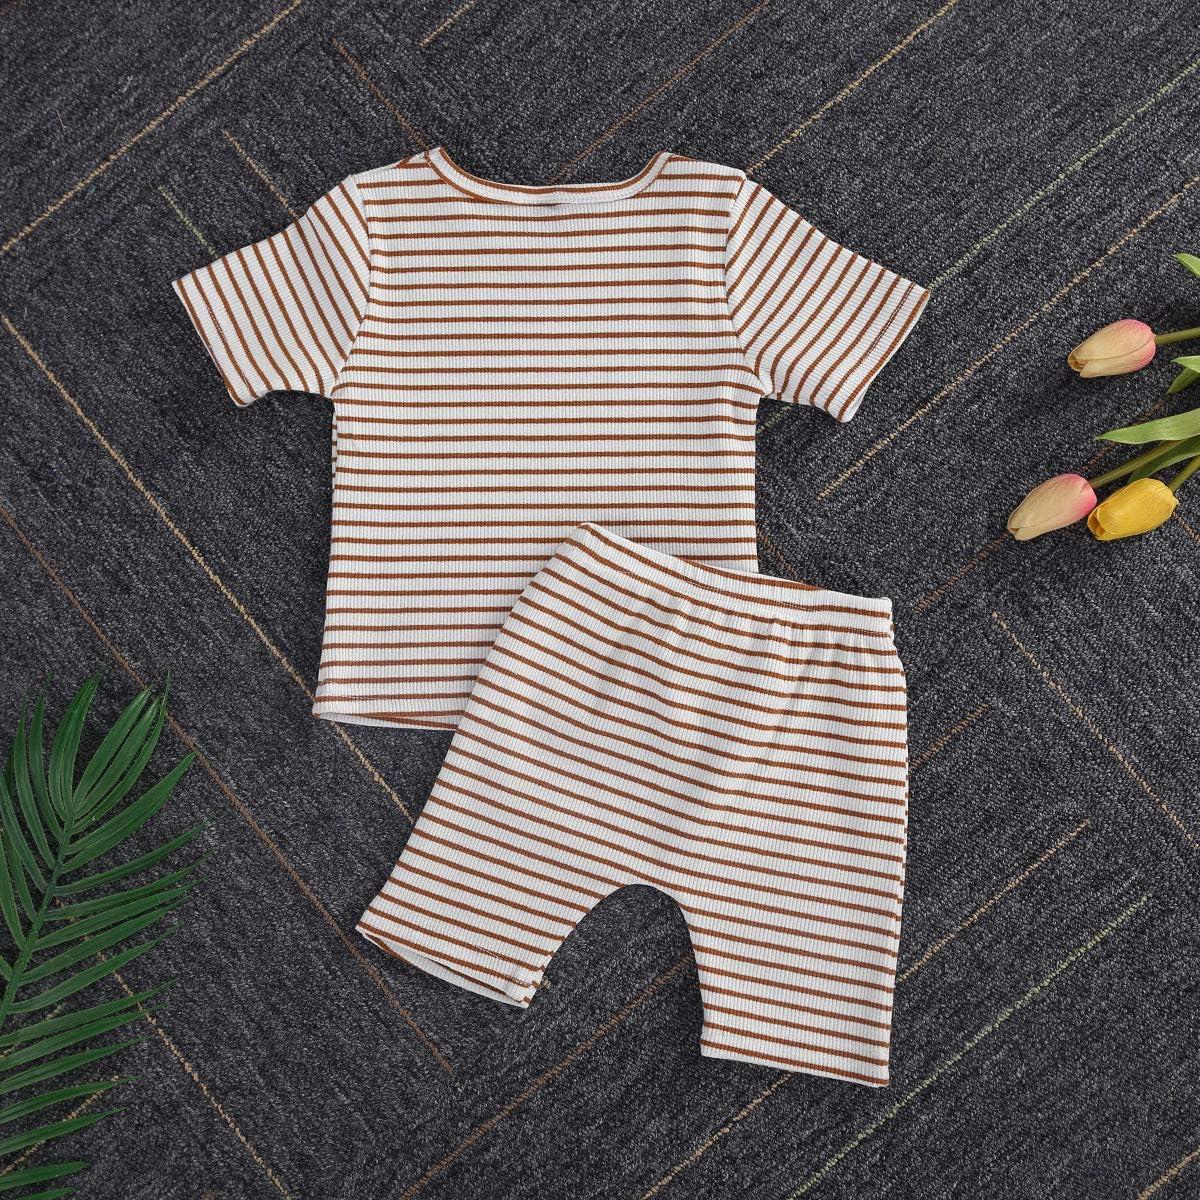 Toddler Baby Girl Boy Ribbed Pajamas Set Knit Stripe Short Sleeve Shirts Top+Shorts Pants 2Pcs Summer Outfit